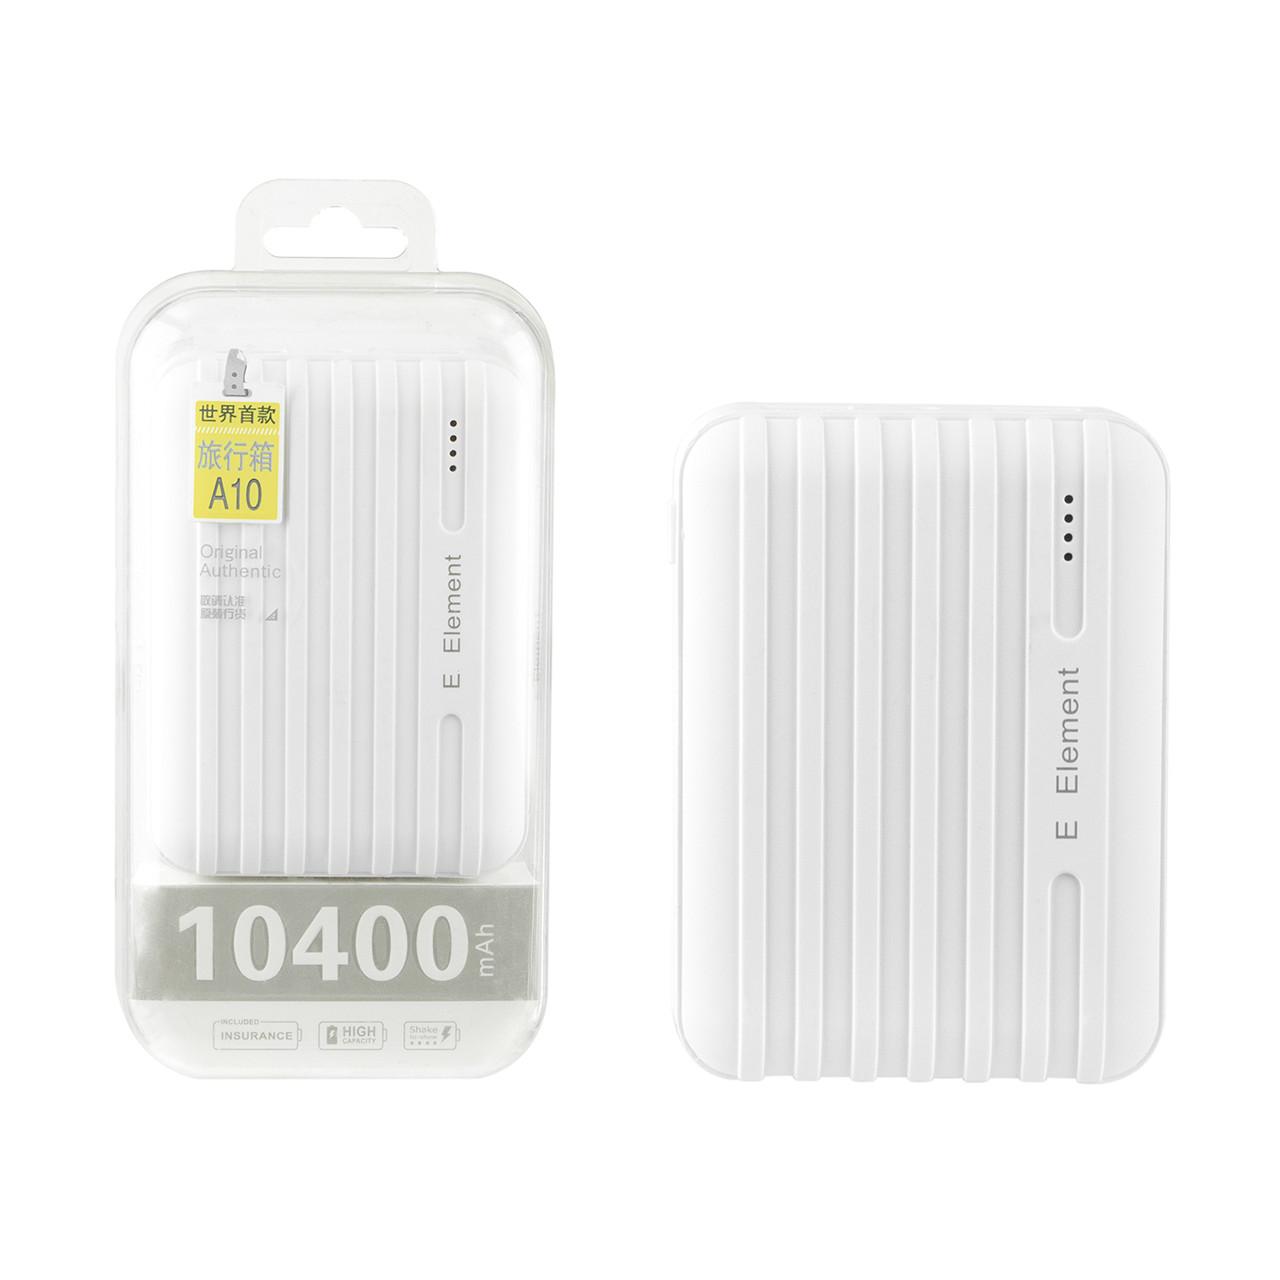 Power bank E Element A10 10400mAh 2XUSB White